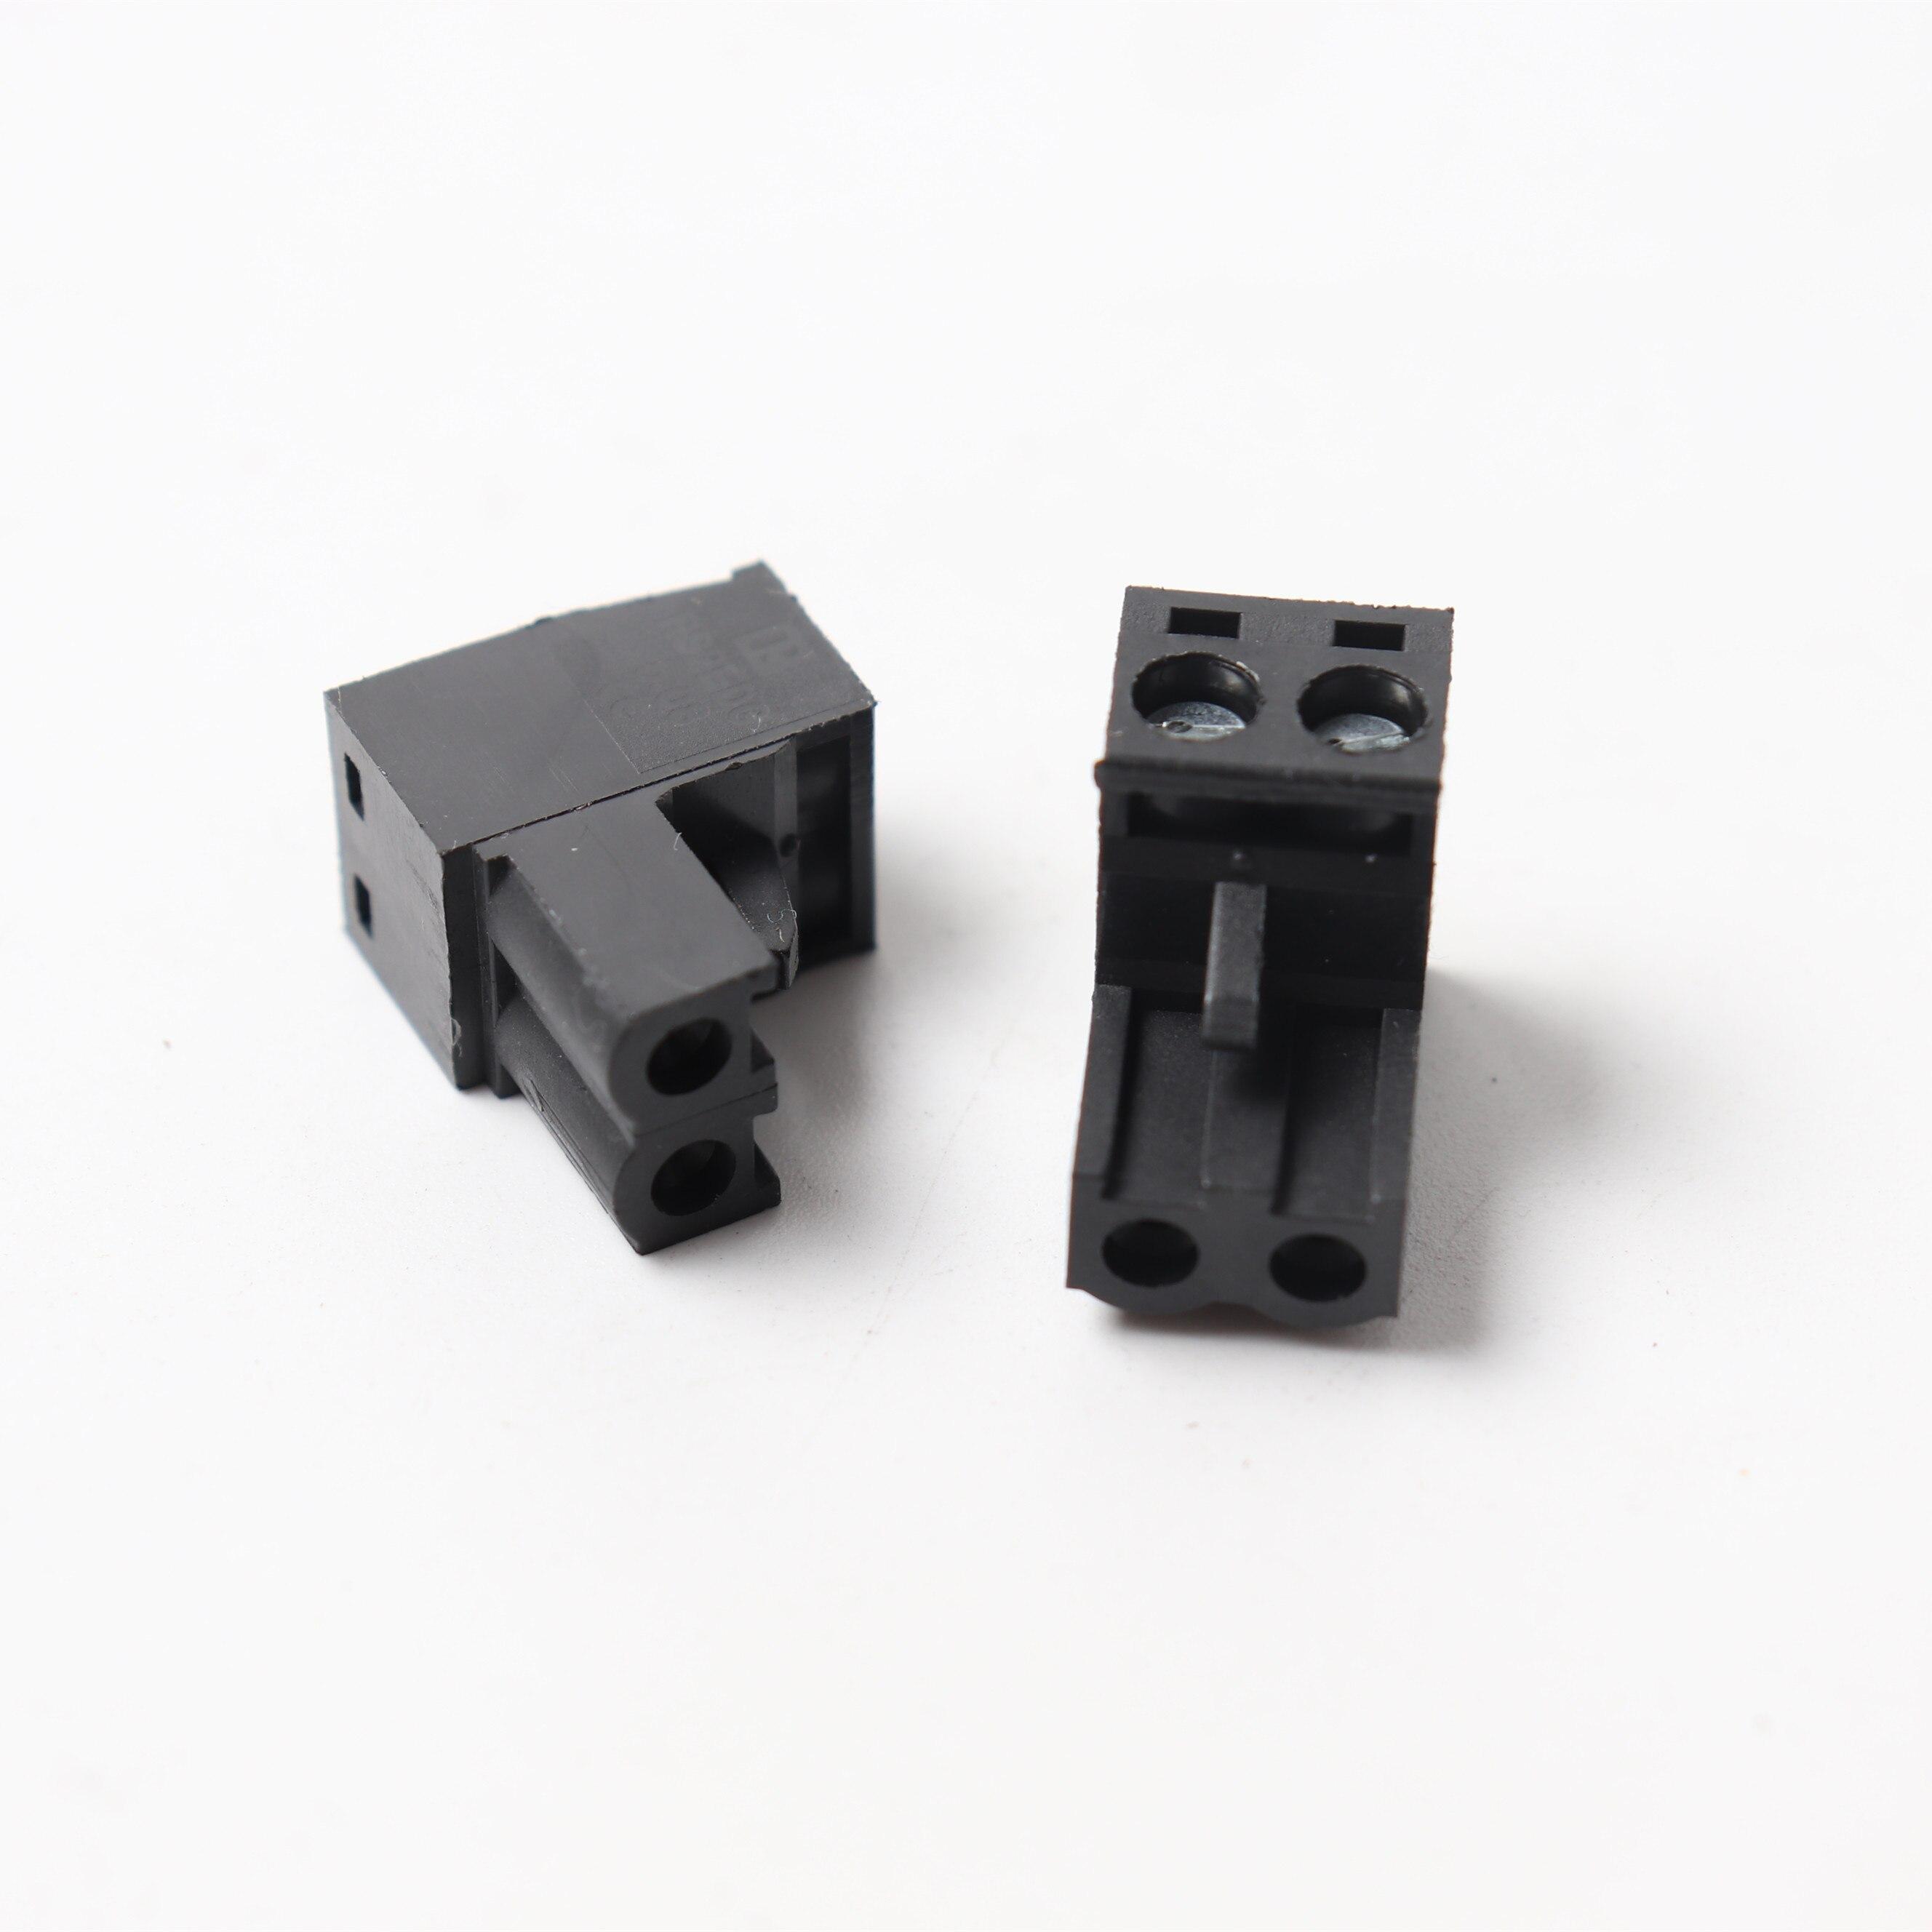 Prusa i3 mk2s-mk3 hotend cartridge Terminal block to Mini-Rambo, Einsy Rambo